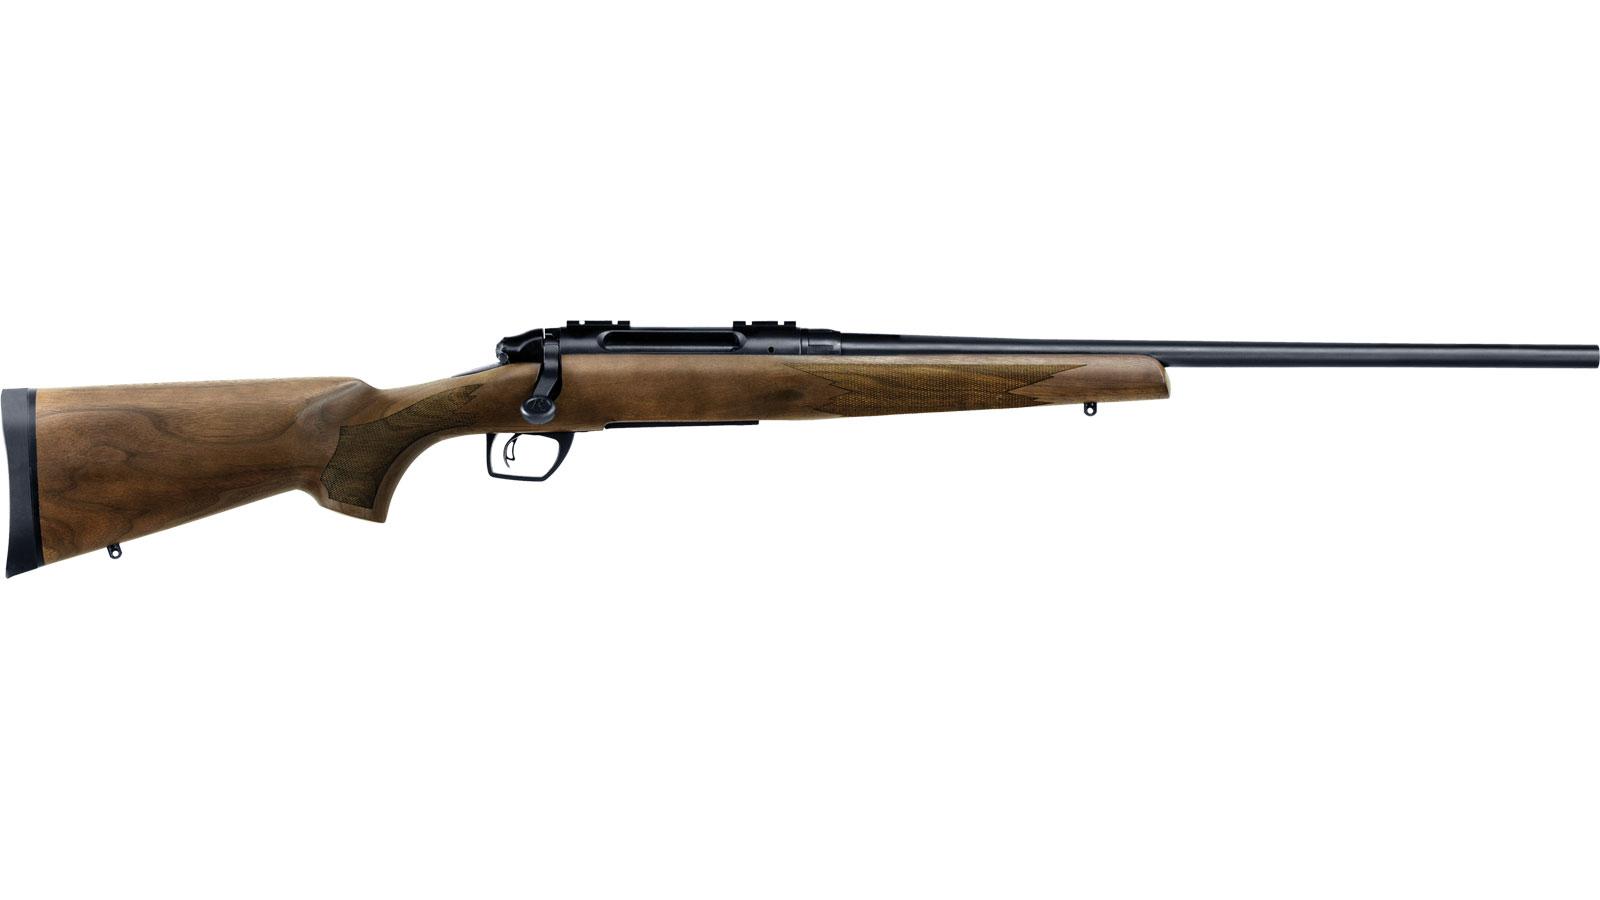 Remington Firearms 85872 783 Walnut Bolt 30-06 Springfield 22 4+1 American Walnut Stk Blued in.